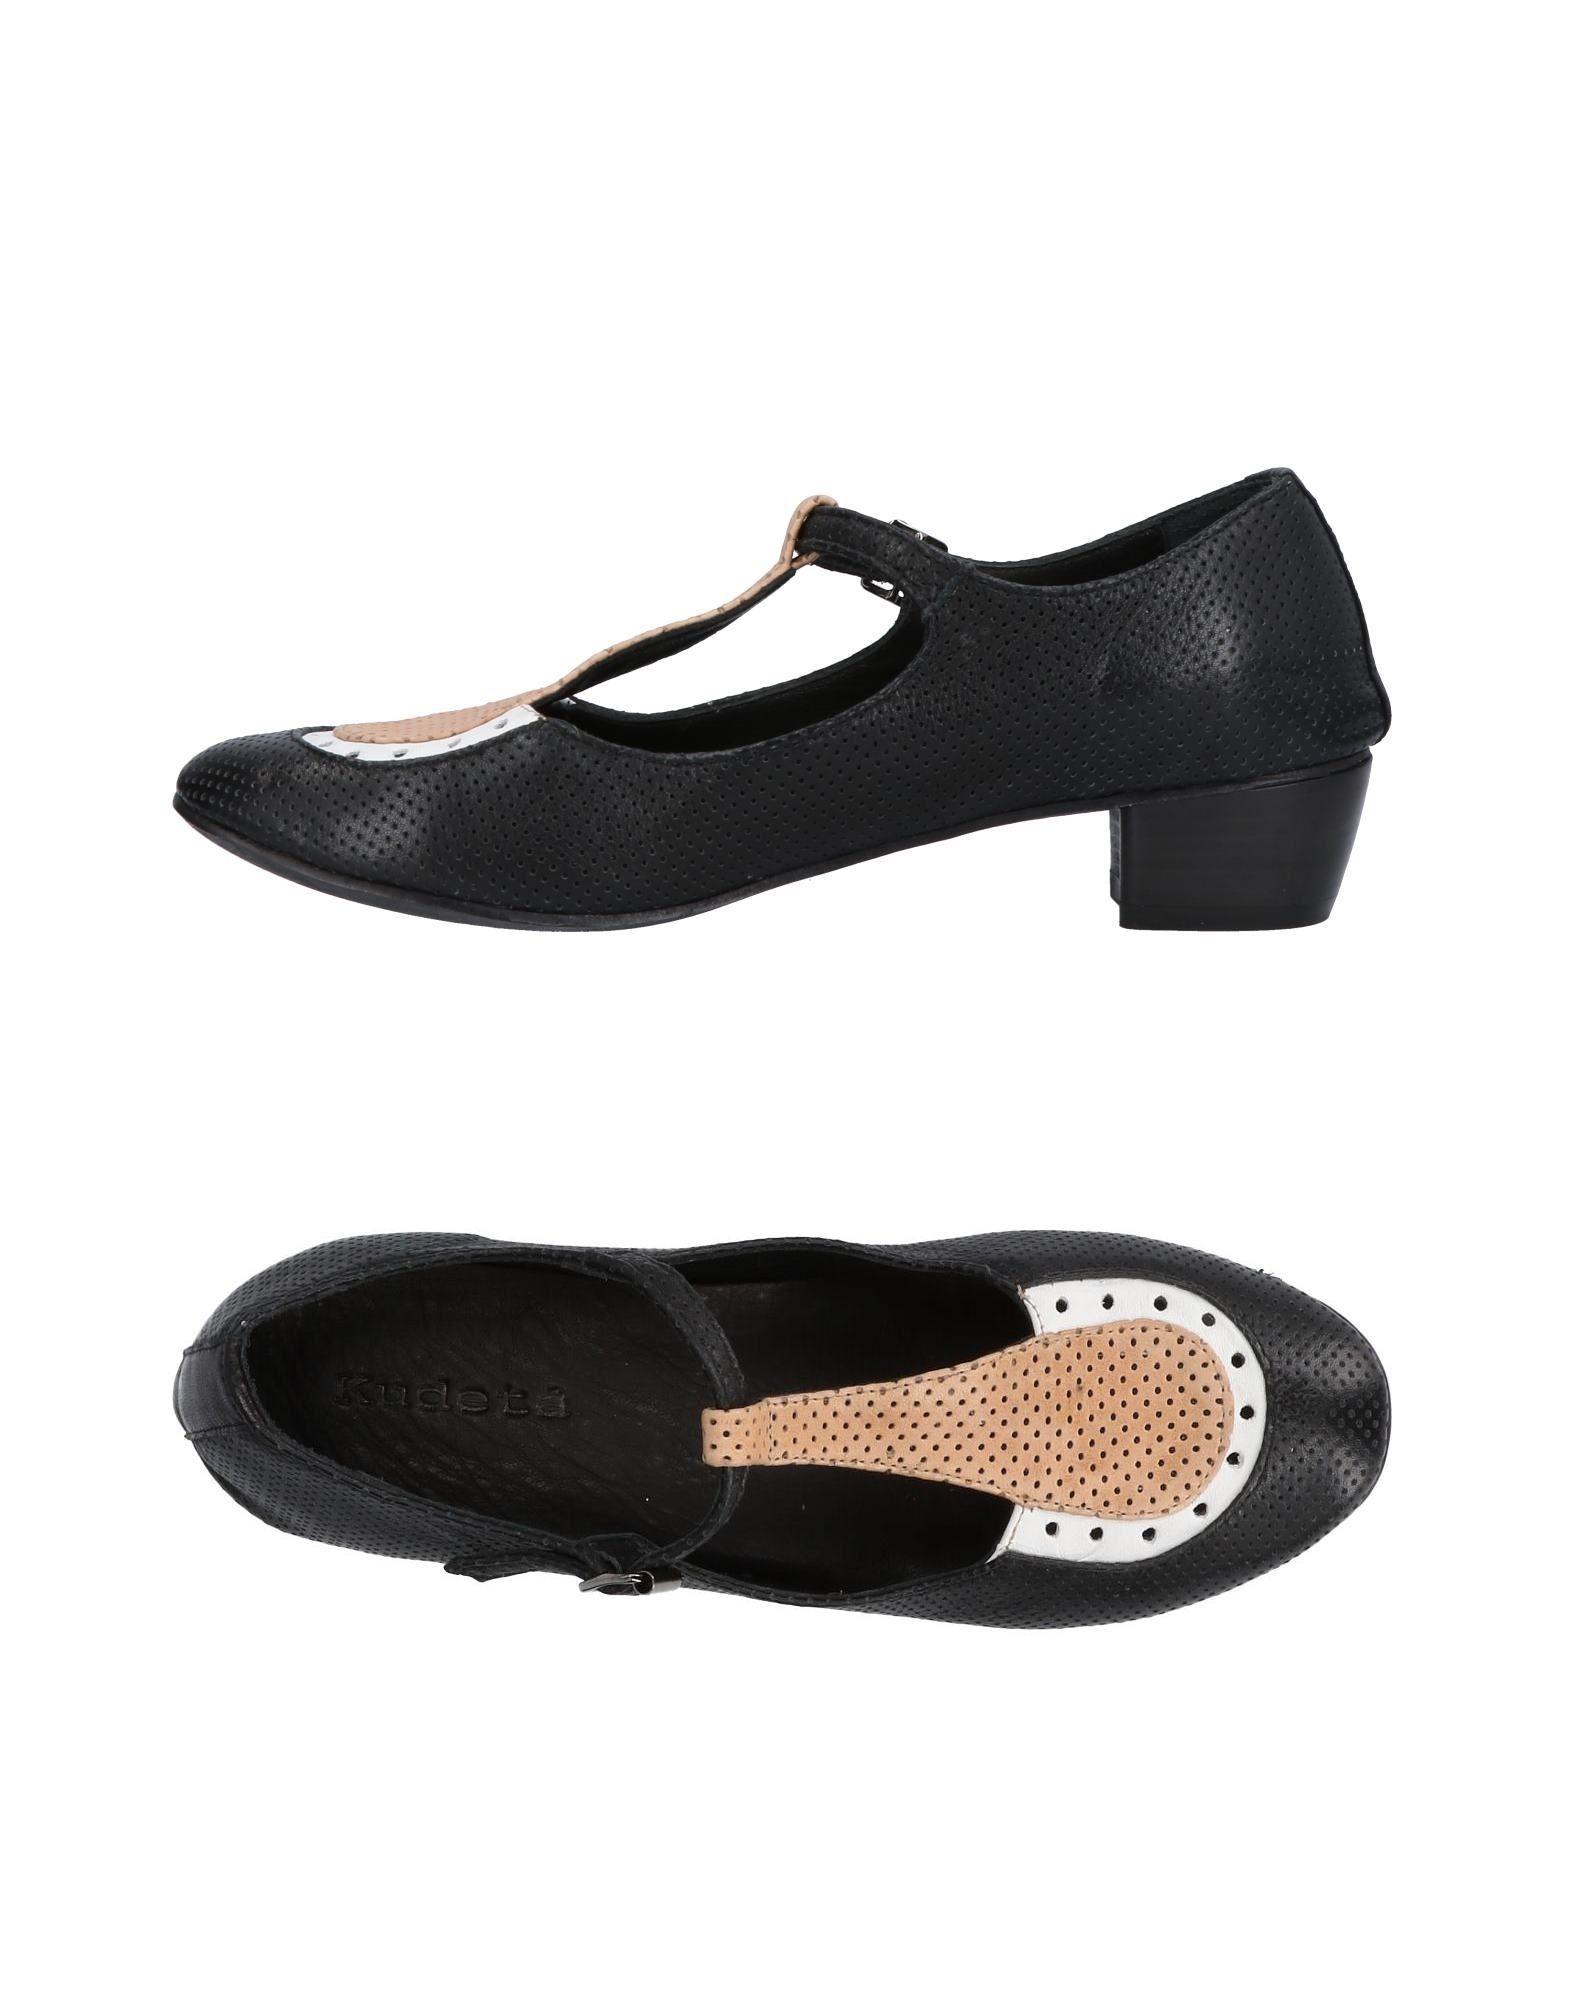 Kudetà Pumps Damen  Schuhe 11467938MW Gute Qualität beliebte Schuhe  085f1e